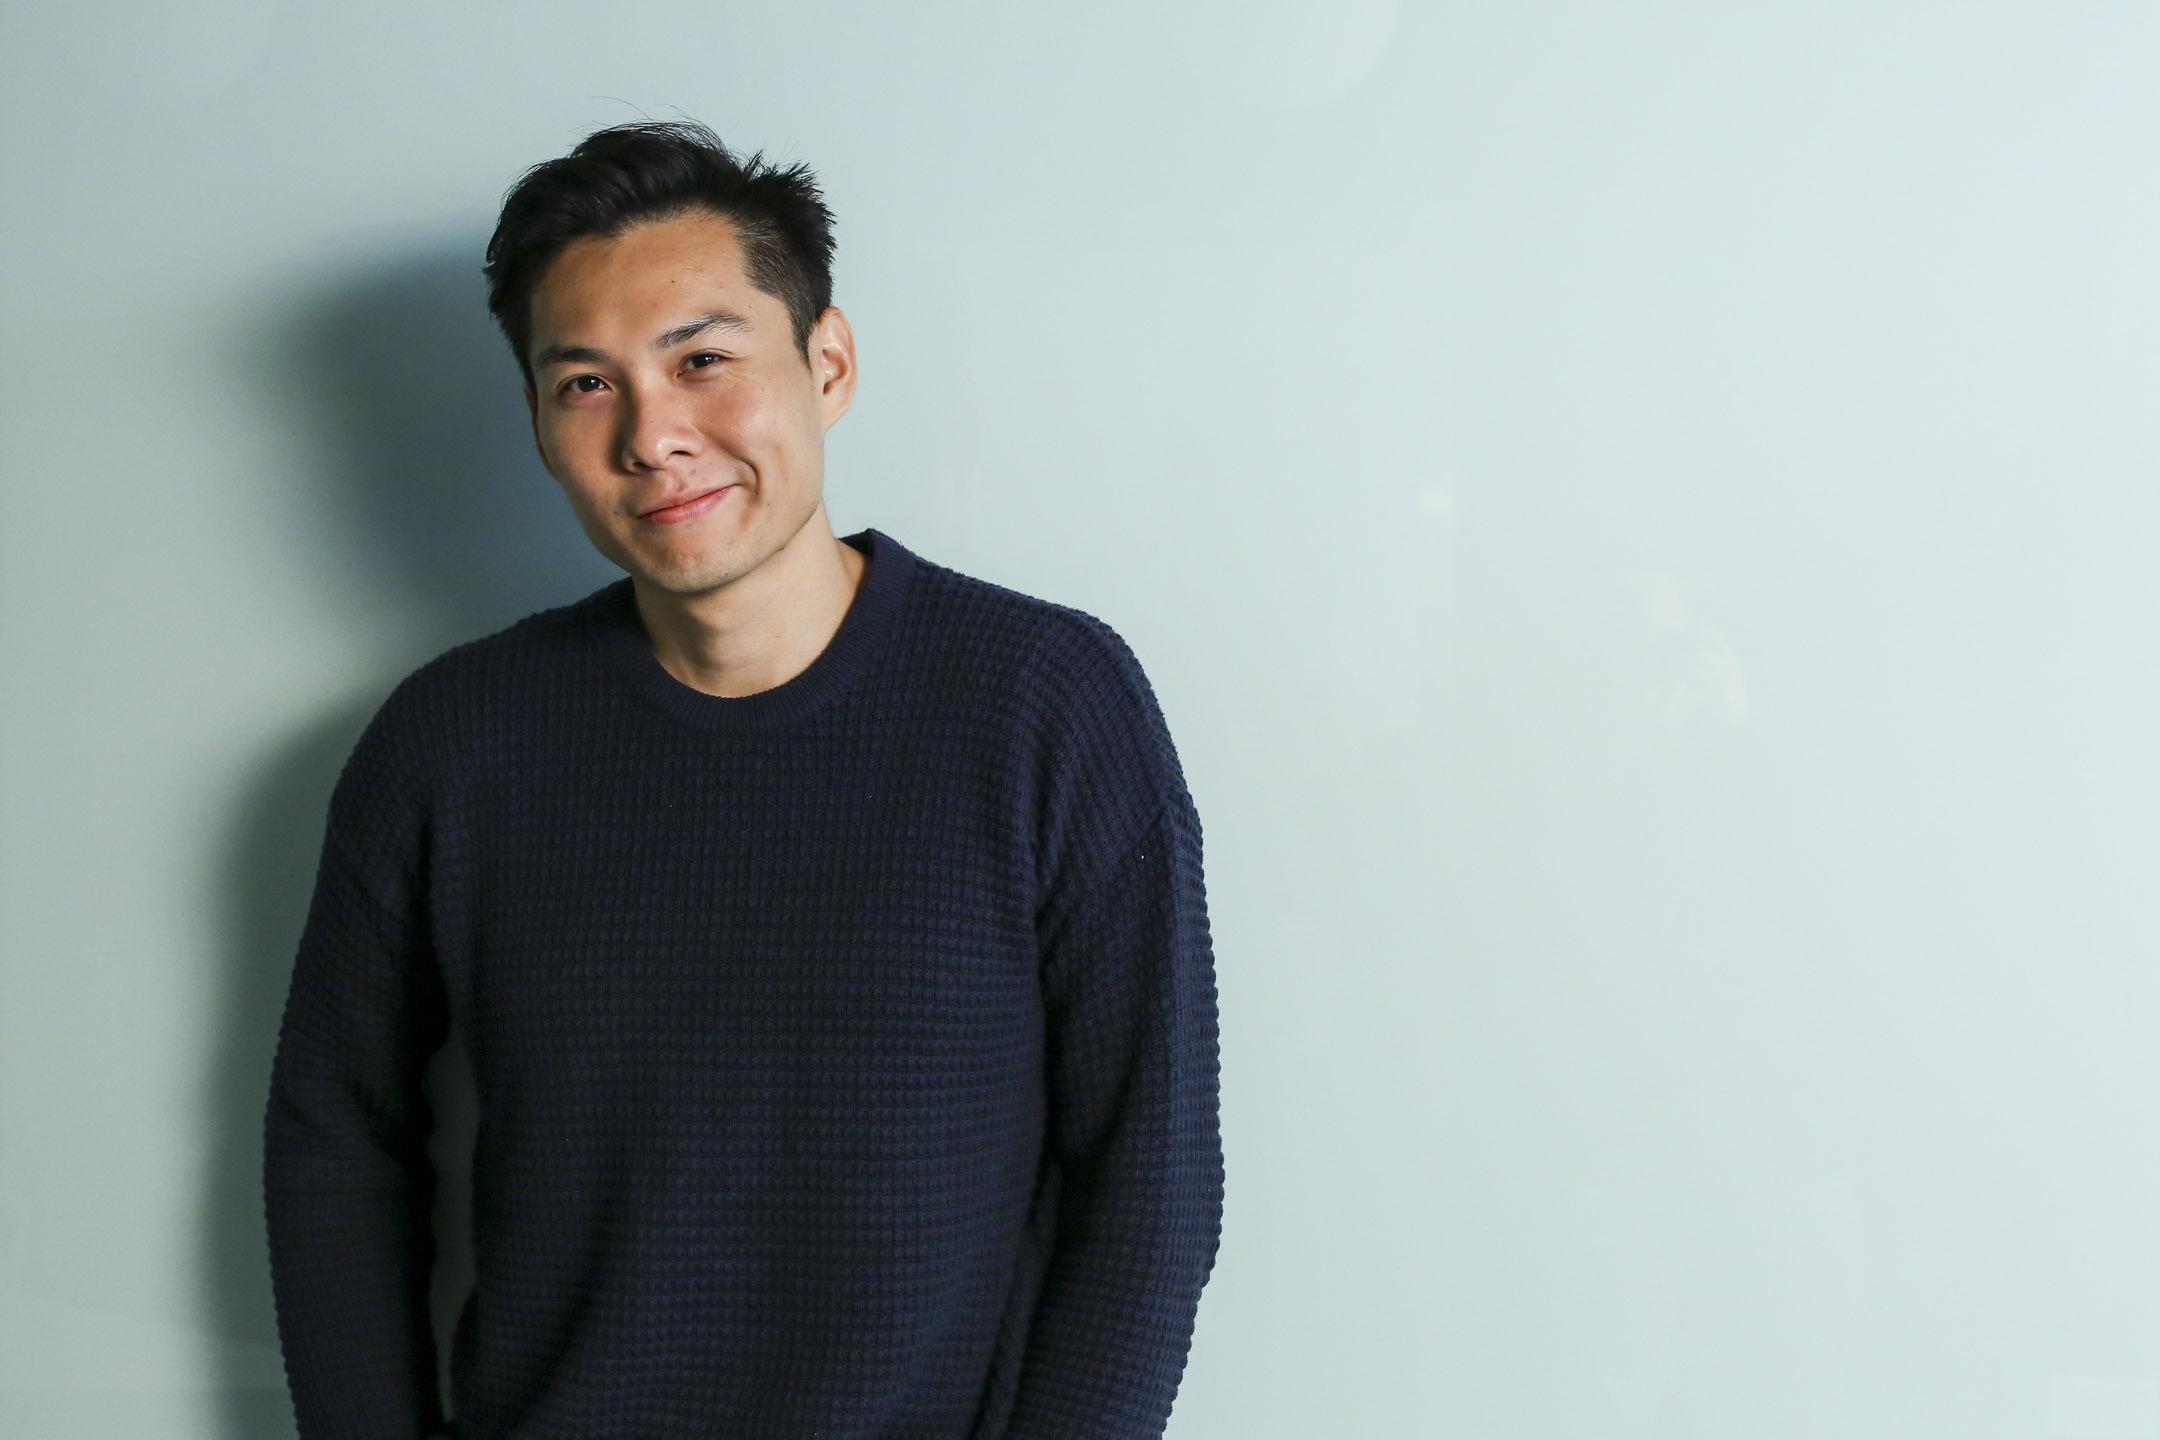 新加坡導演陳哲藝的第二部劇情長片《熱帶雨》,並陸續於平遙國際電影節、倫敦東亞電影節的競賽單元奪得最佳影片殊榮,入圍第 56 屆金馬獎六項提名,最終楊雁雁抱回最佳女主角獎,是今年最受矚目的華語電影之一。  攝:Edmond So/South China Morning Post via Getty Images